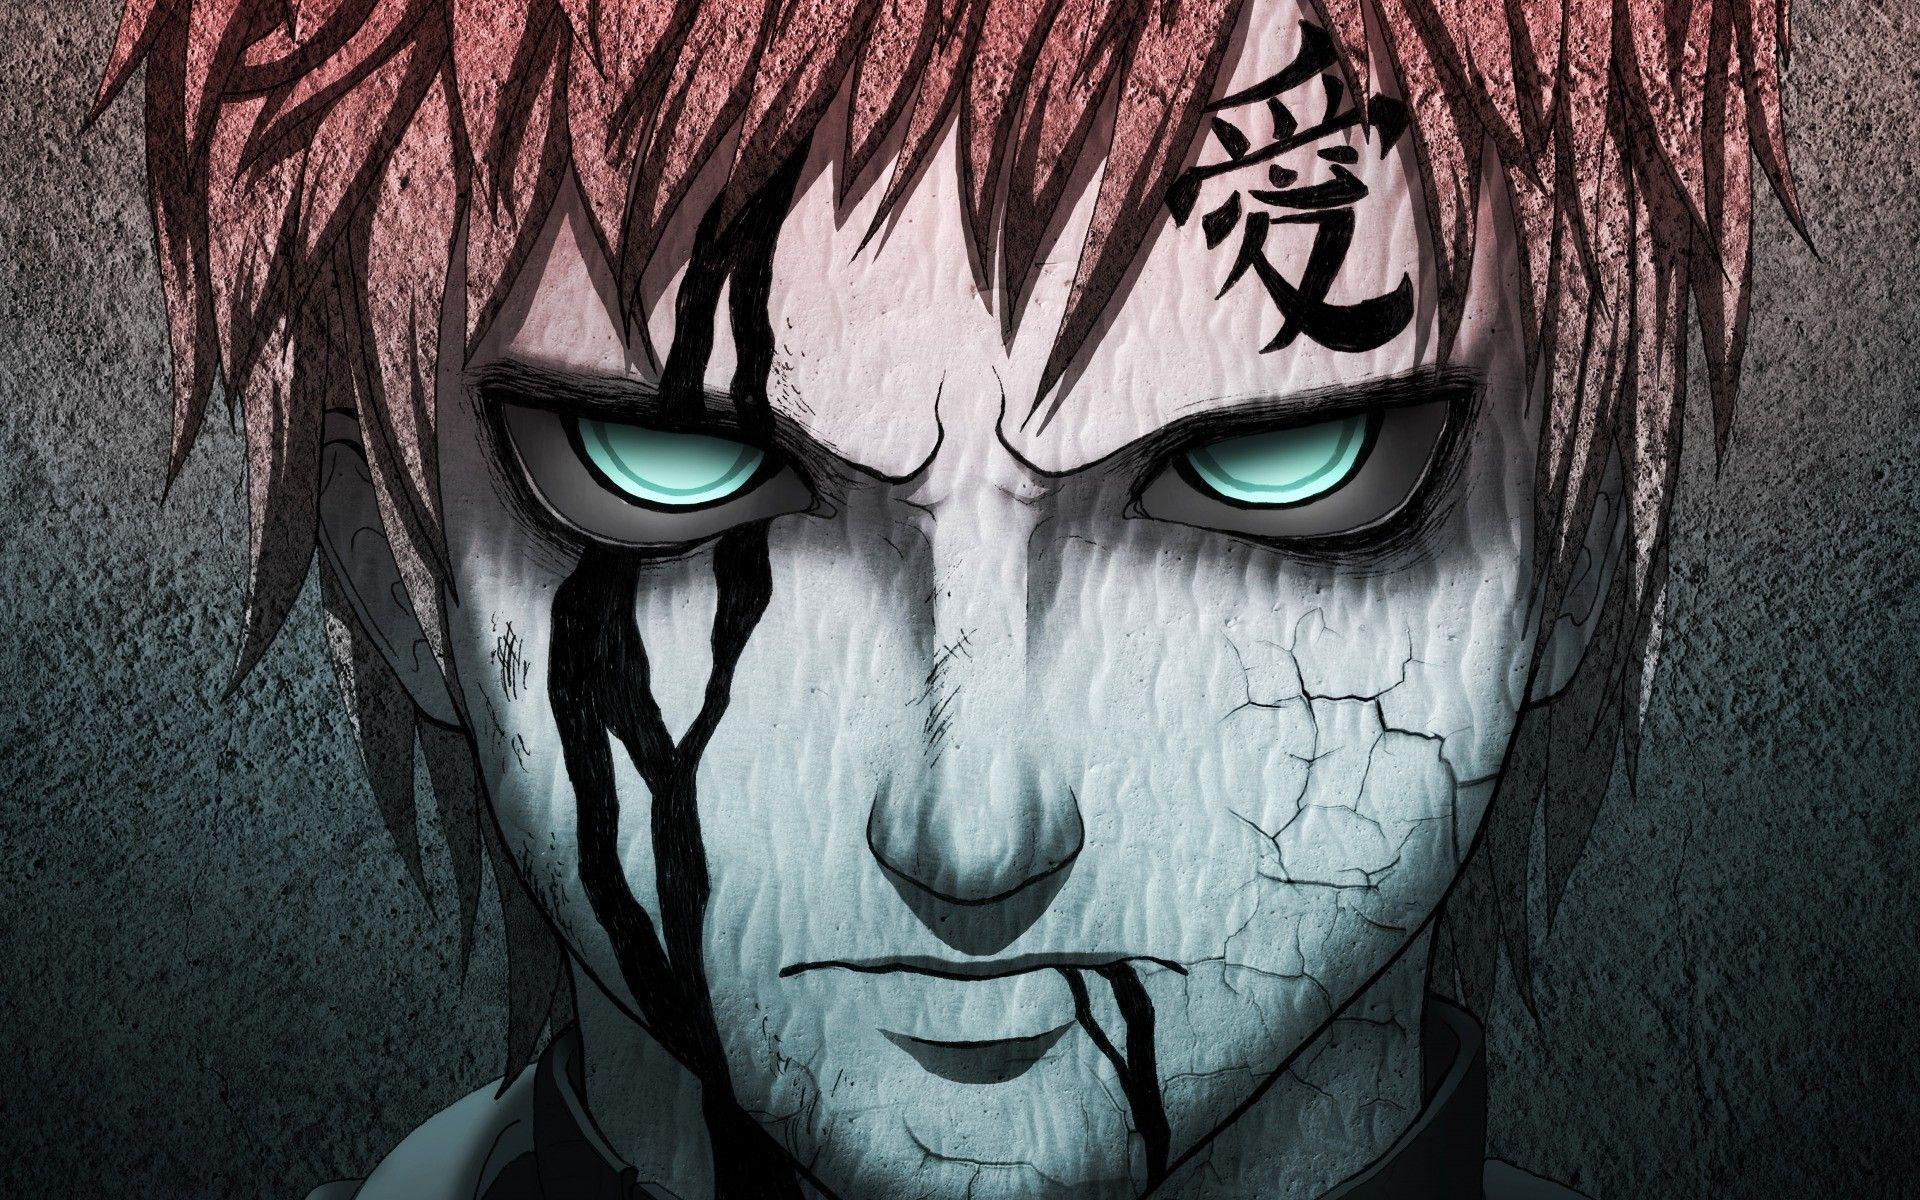 Dark Anime Boy original anime dark boy face eyes